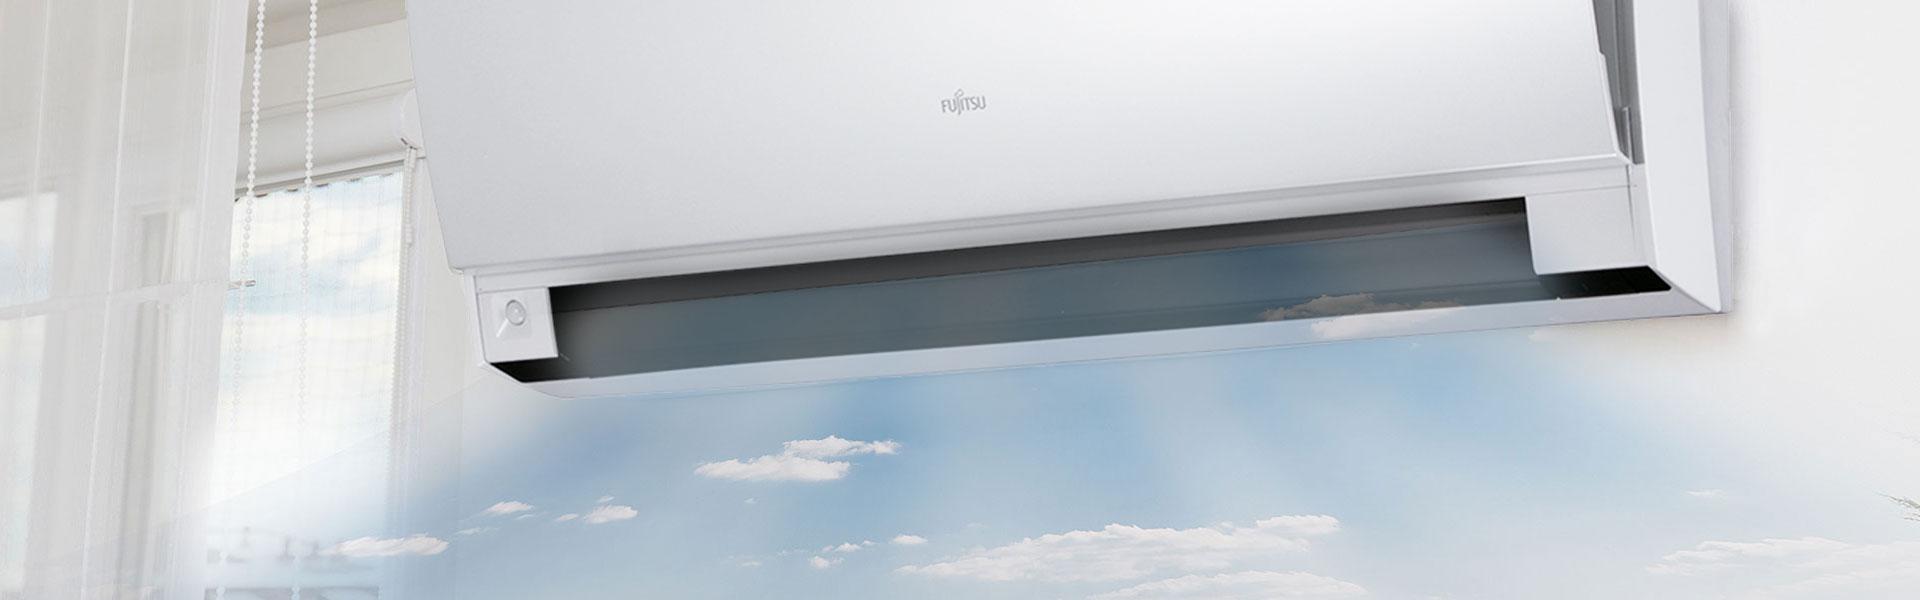 Fujitsu unit